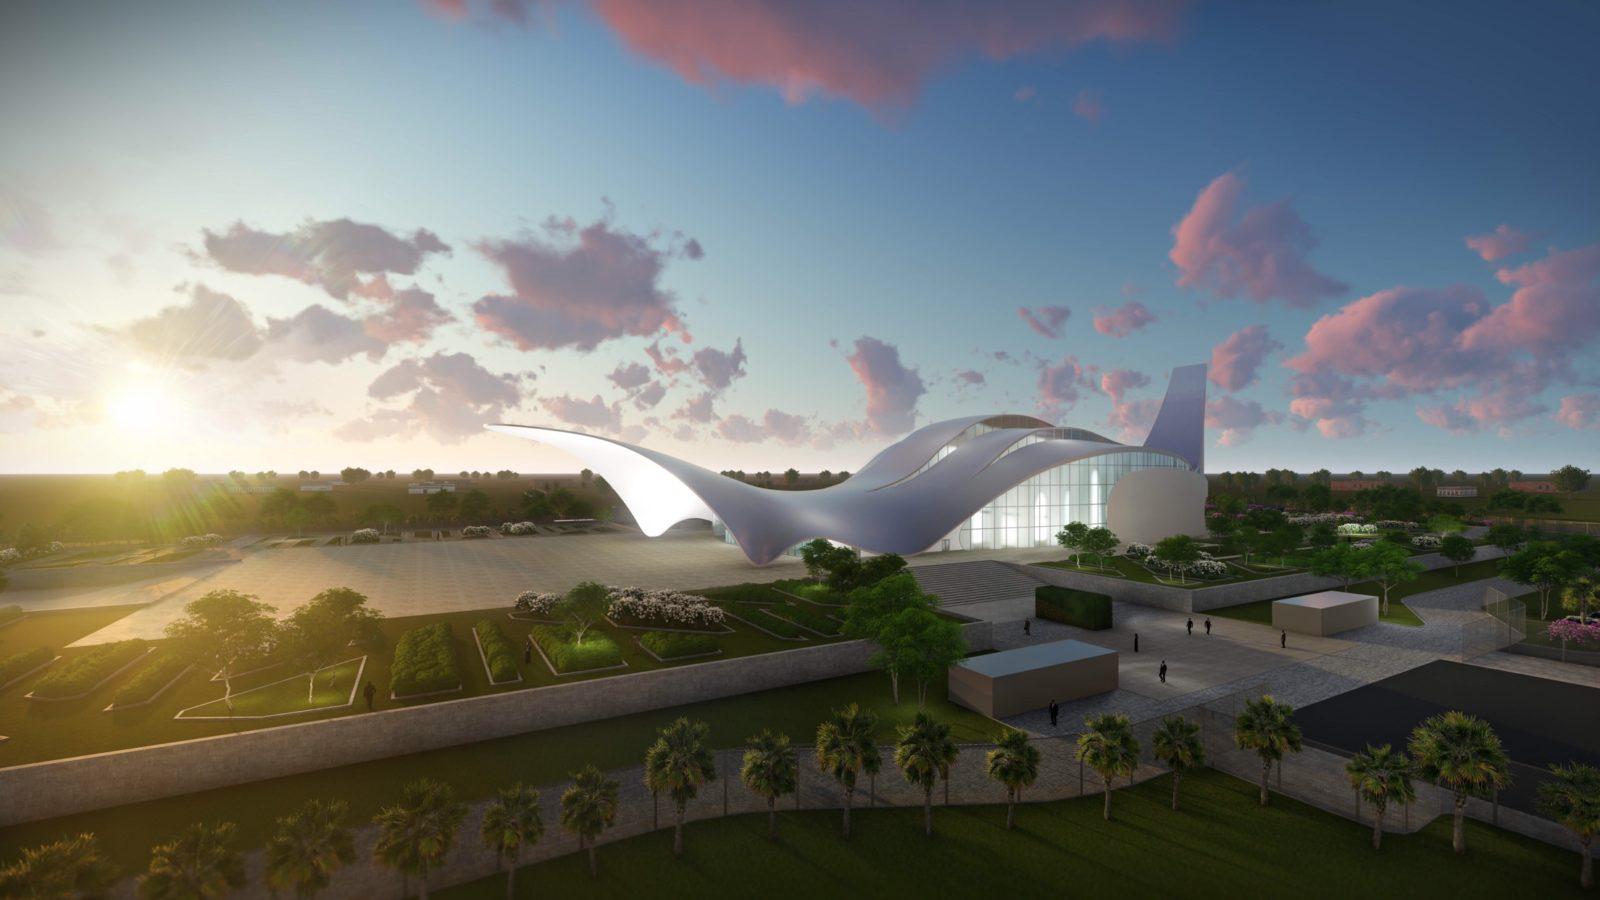 Kirche in Nigeria - Architekturvisualisierung  Aussen